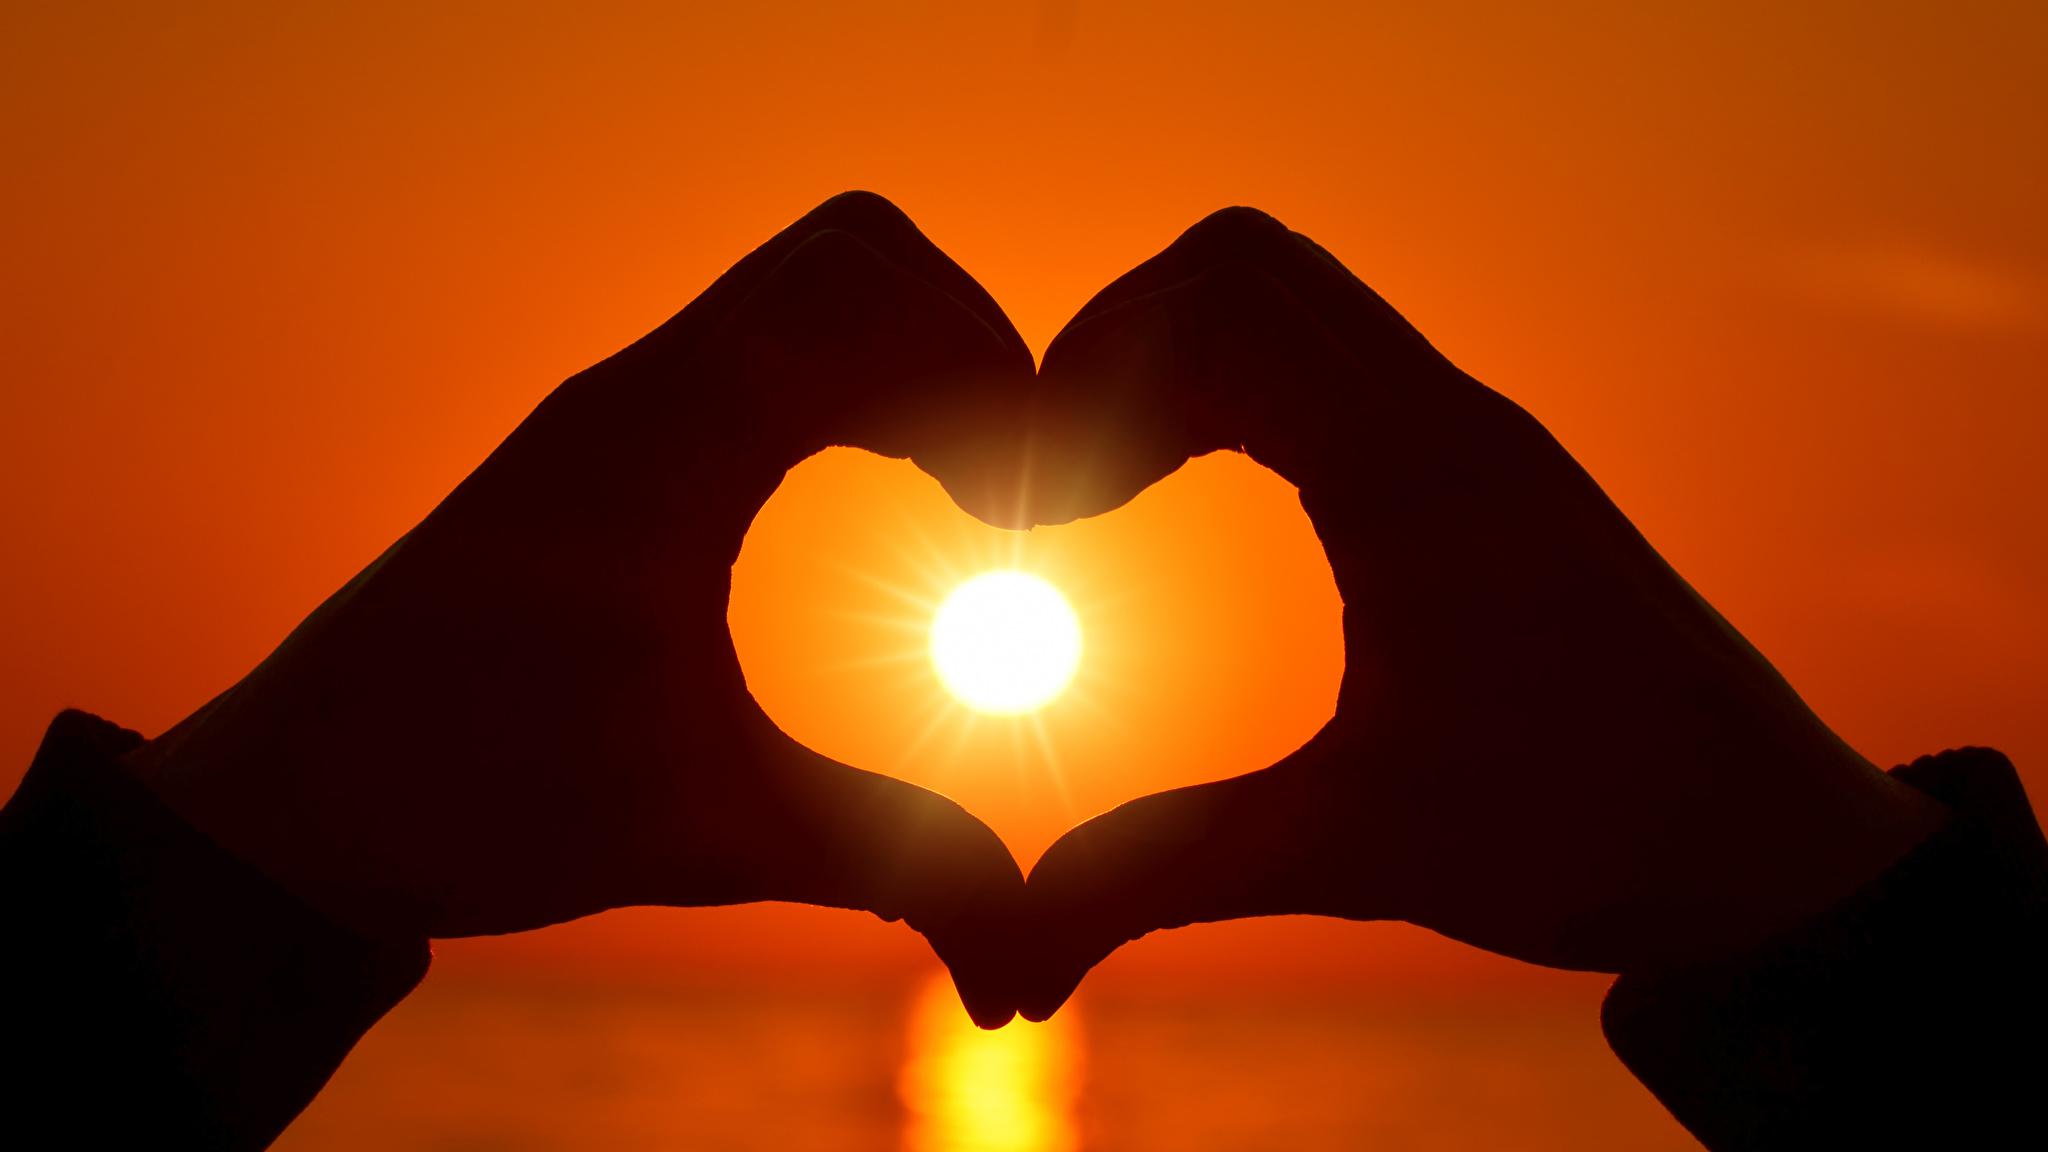 Сердце в ладошках  № 923407 бесплатно